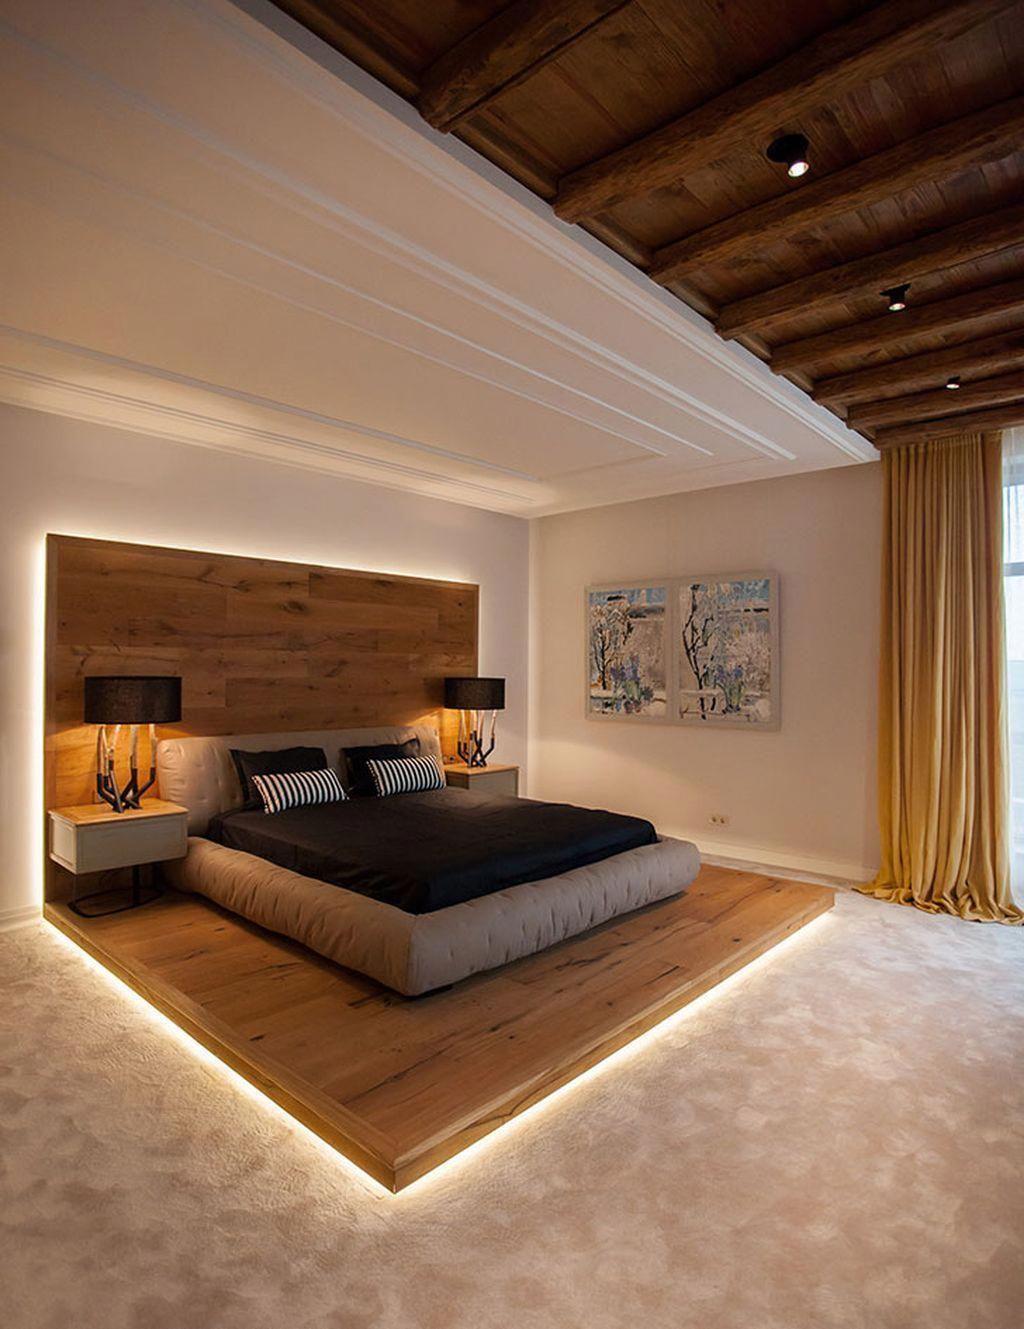 Minimalist Bedroom Ideas For Couple 8 #Minimalistbedroom #Ideas